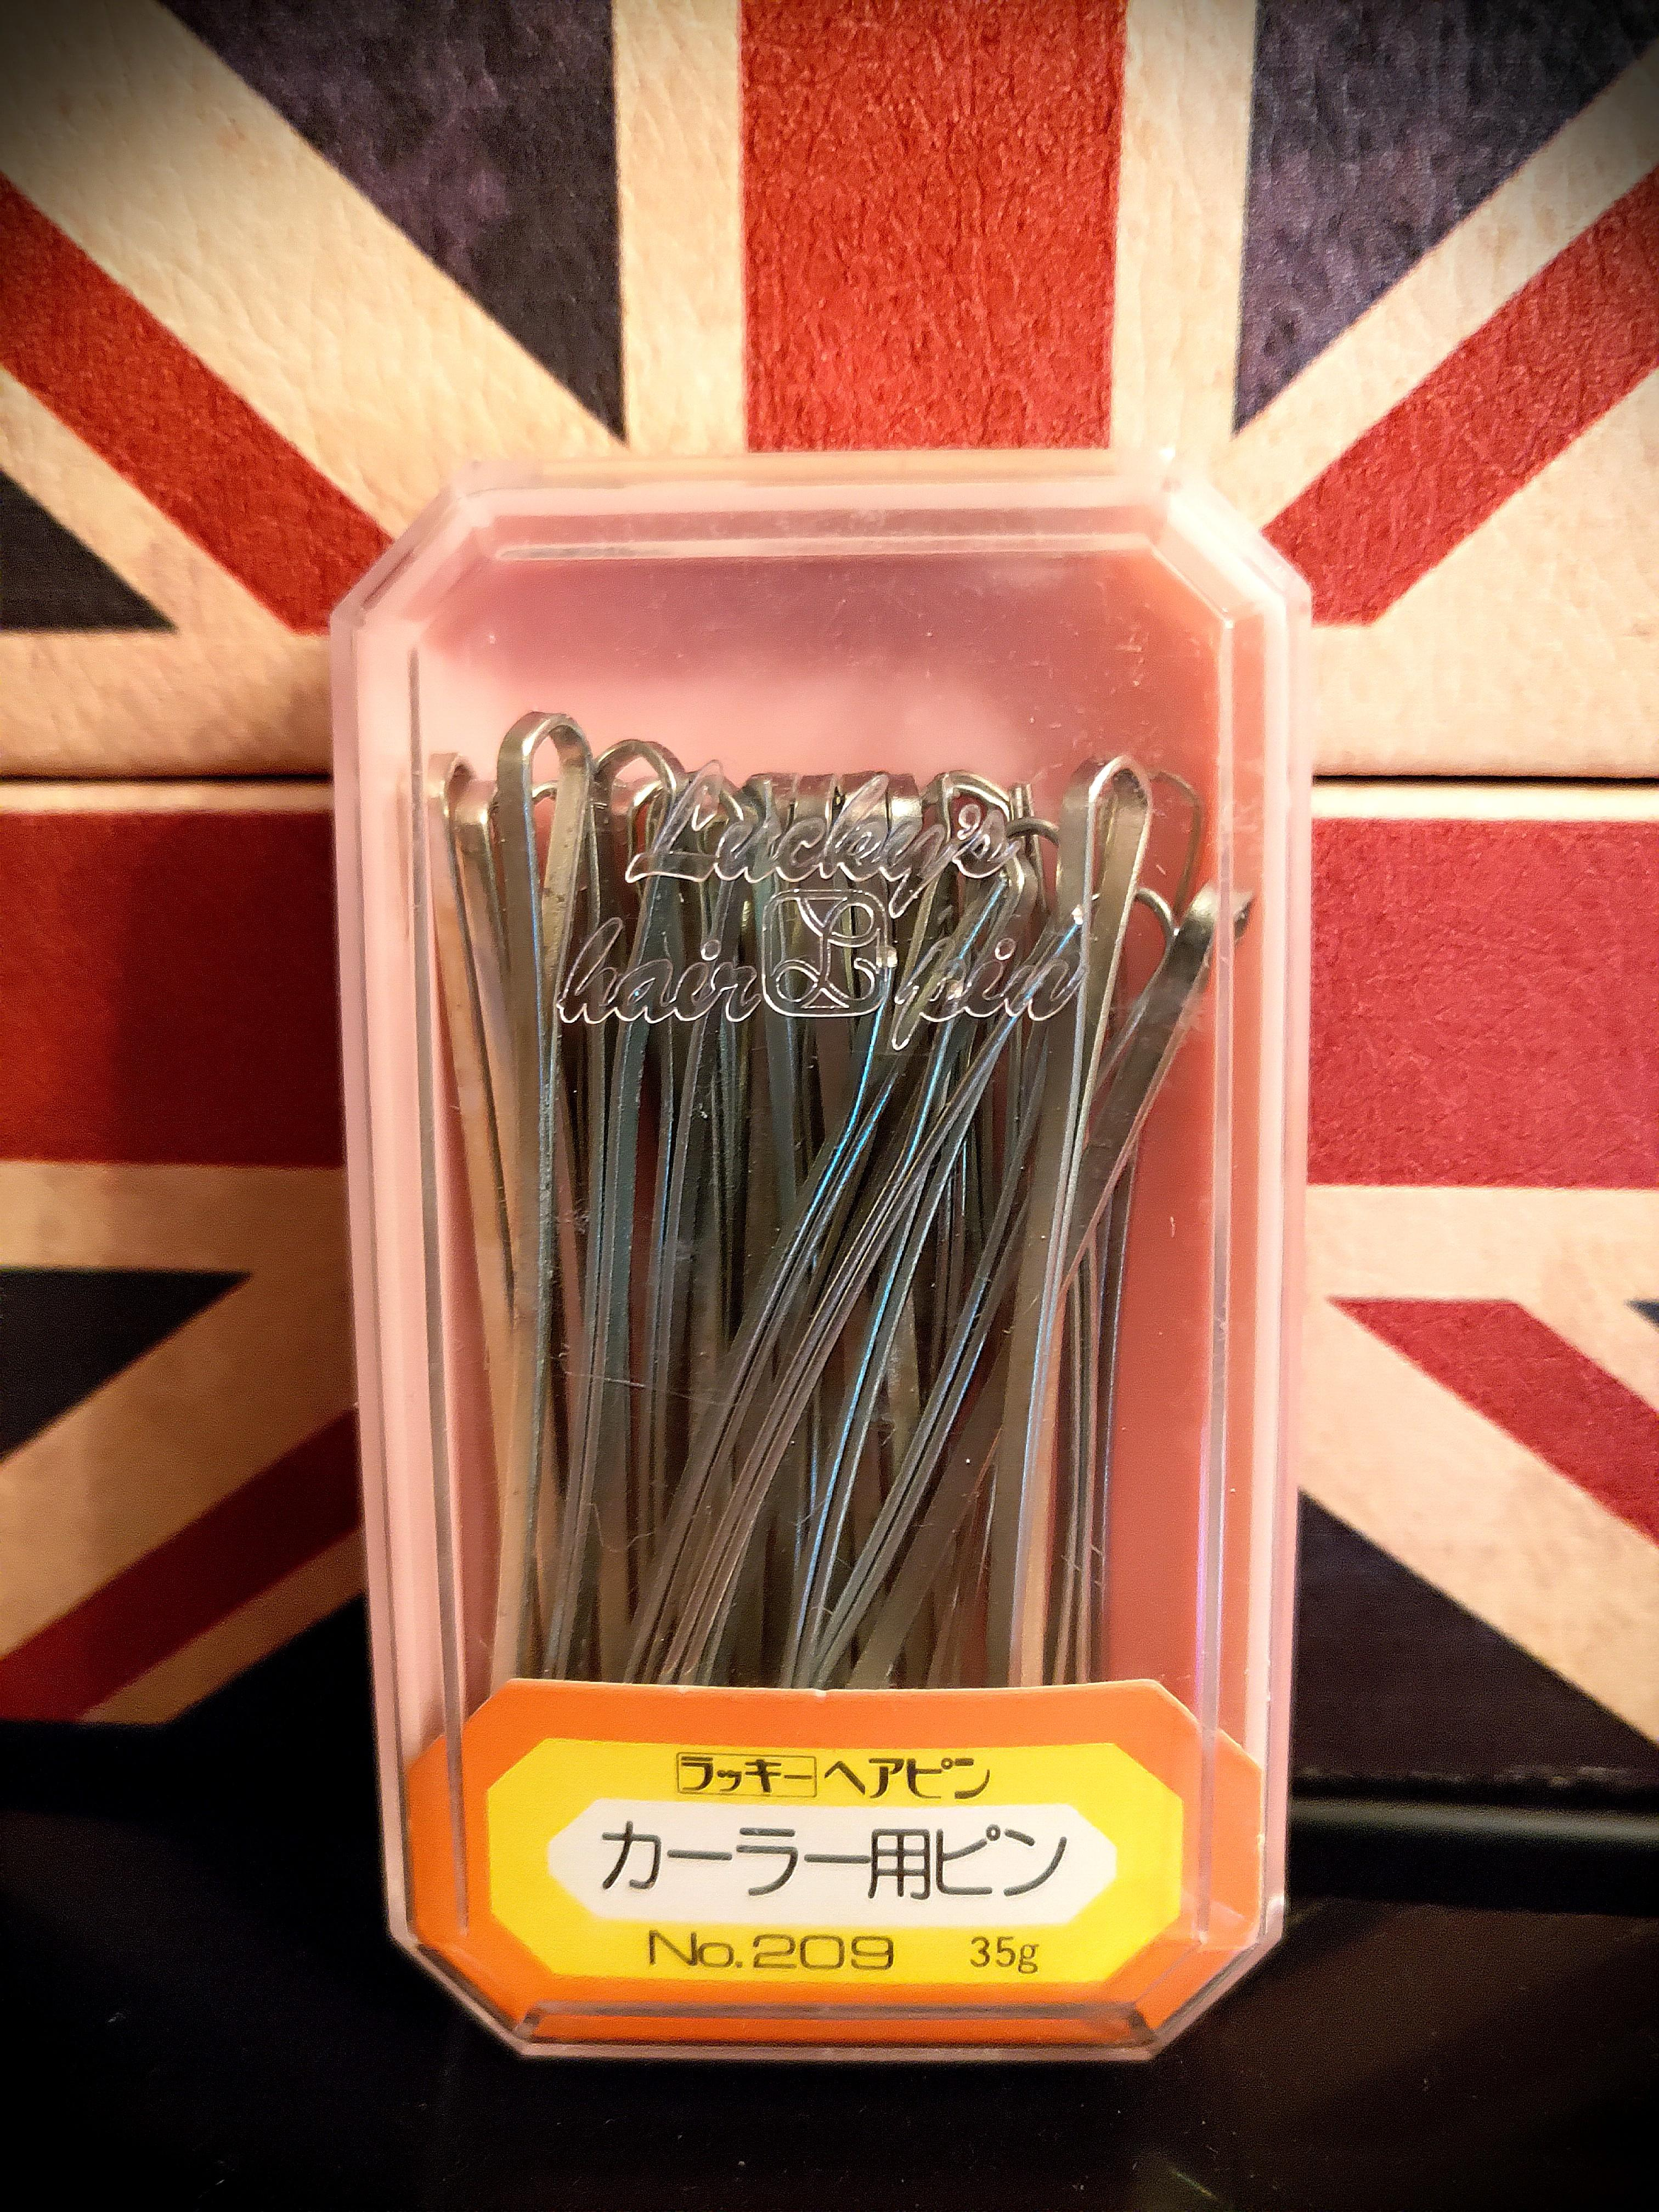 幾十年歷史日本制未開髮夾 More than thirty years Made in Japan hair clips